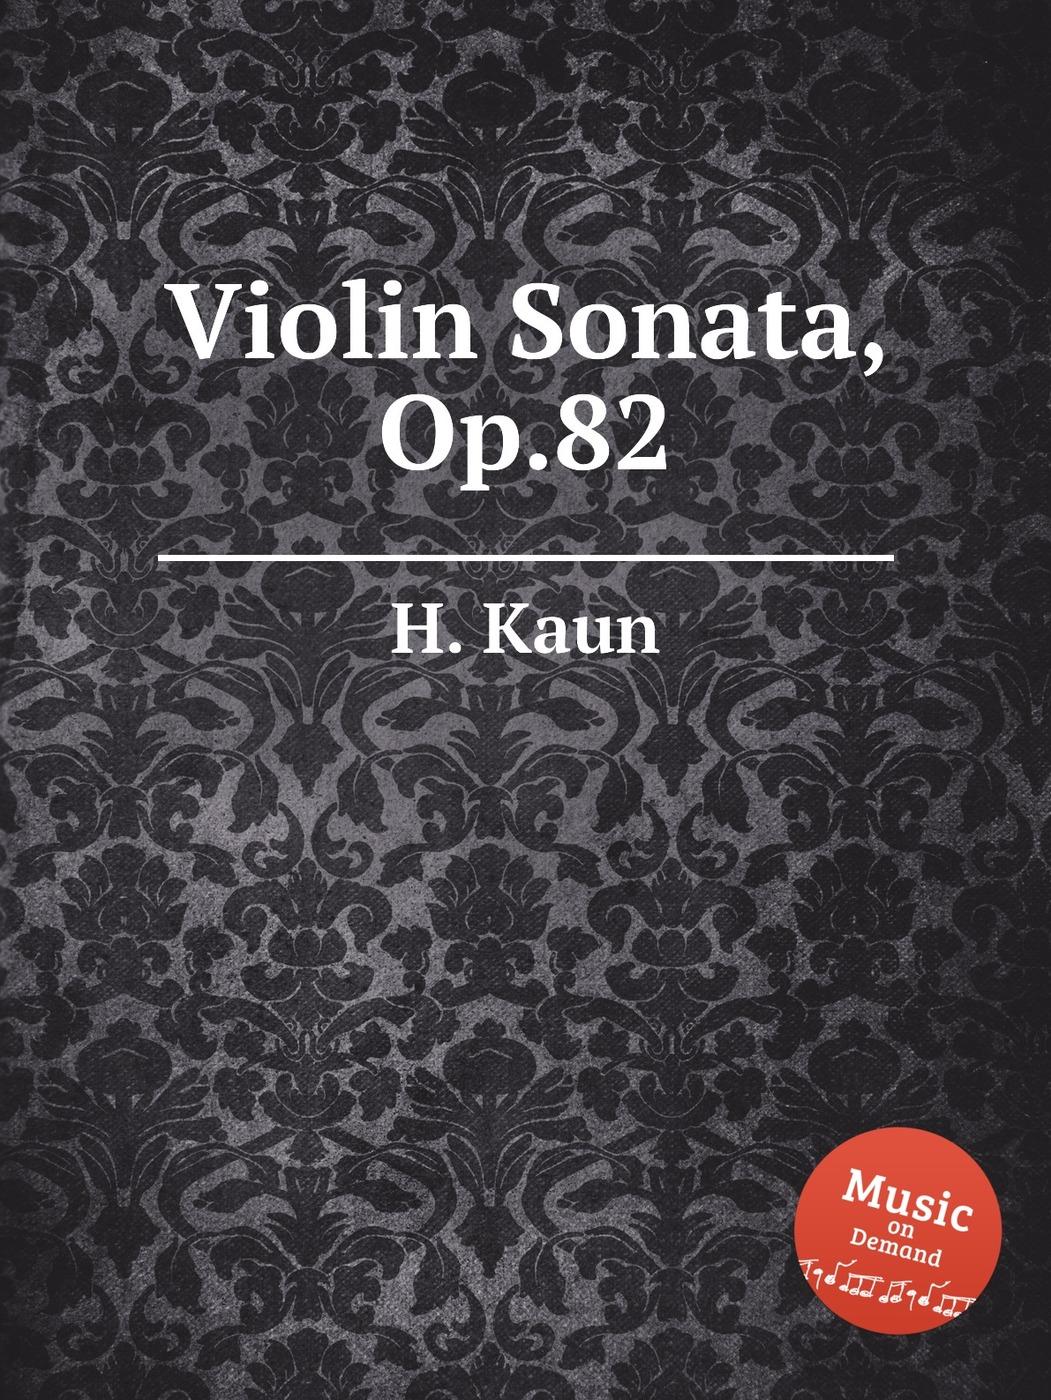 Violin Sonata, Op.82